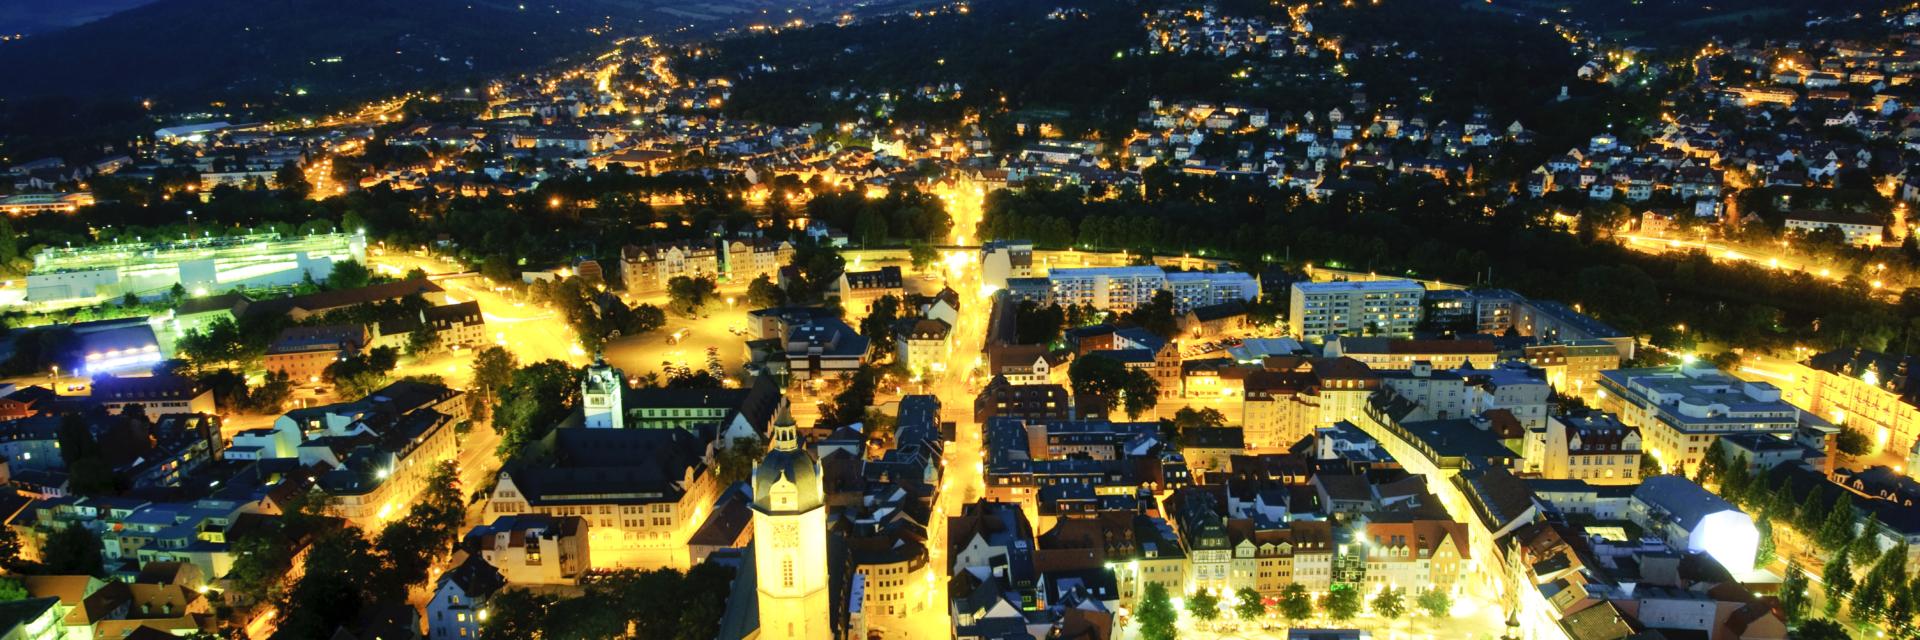 Traumhafter nächtlicher Ausblick vom JenaTower - Die Hotels in Jena machen manche Träume wahr